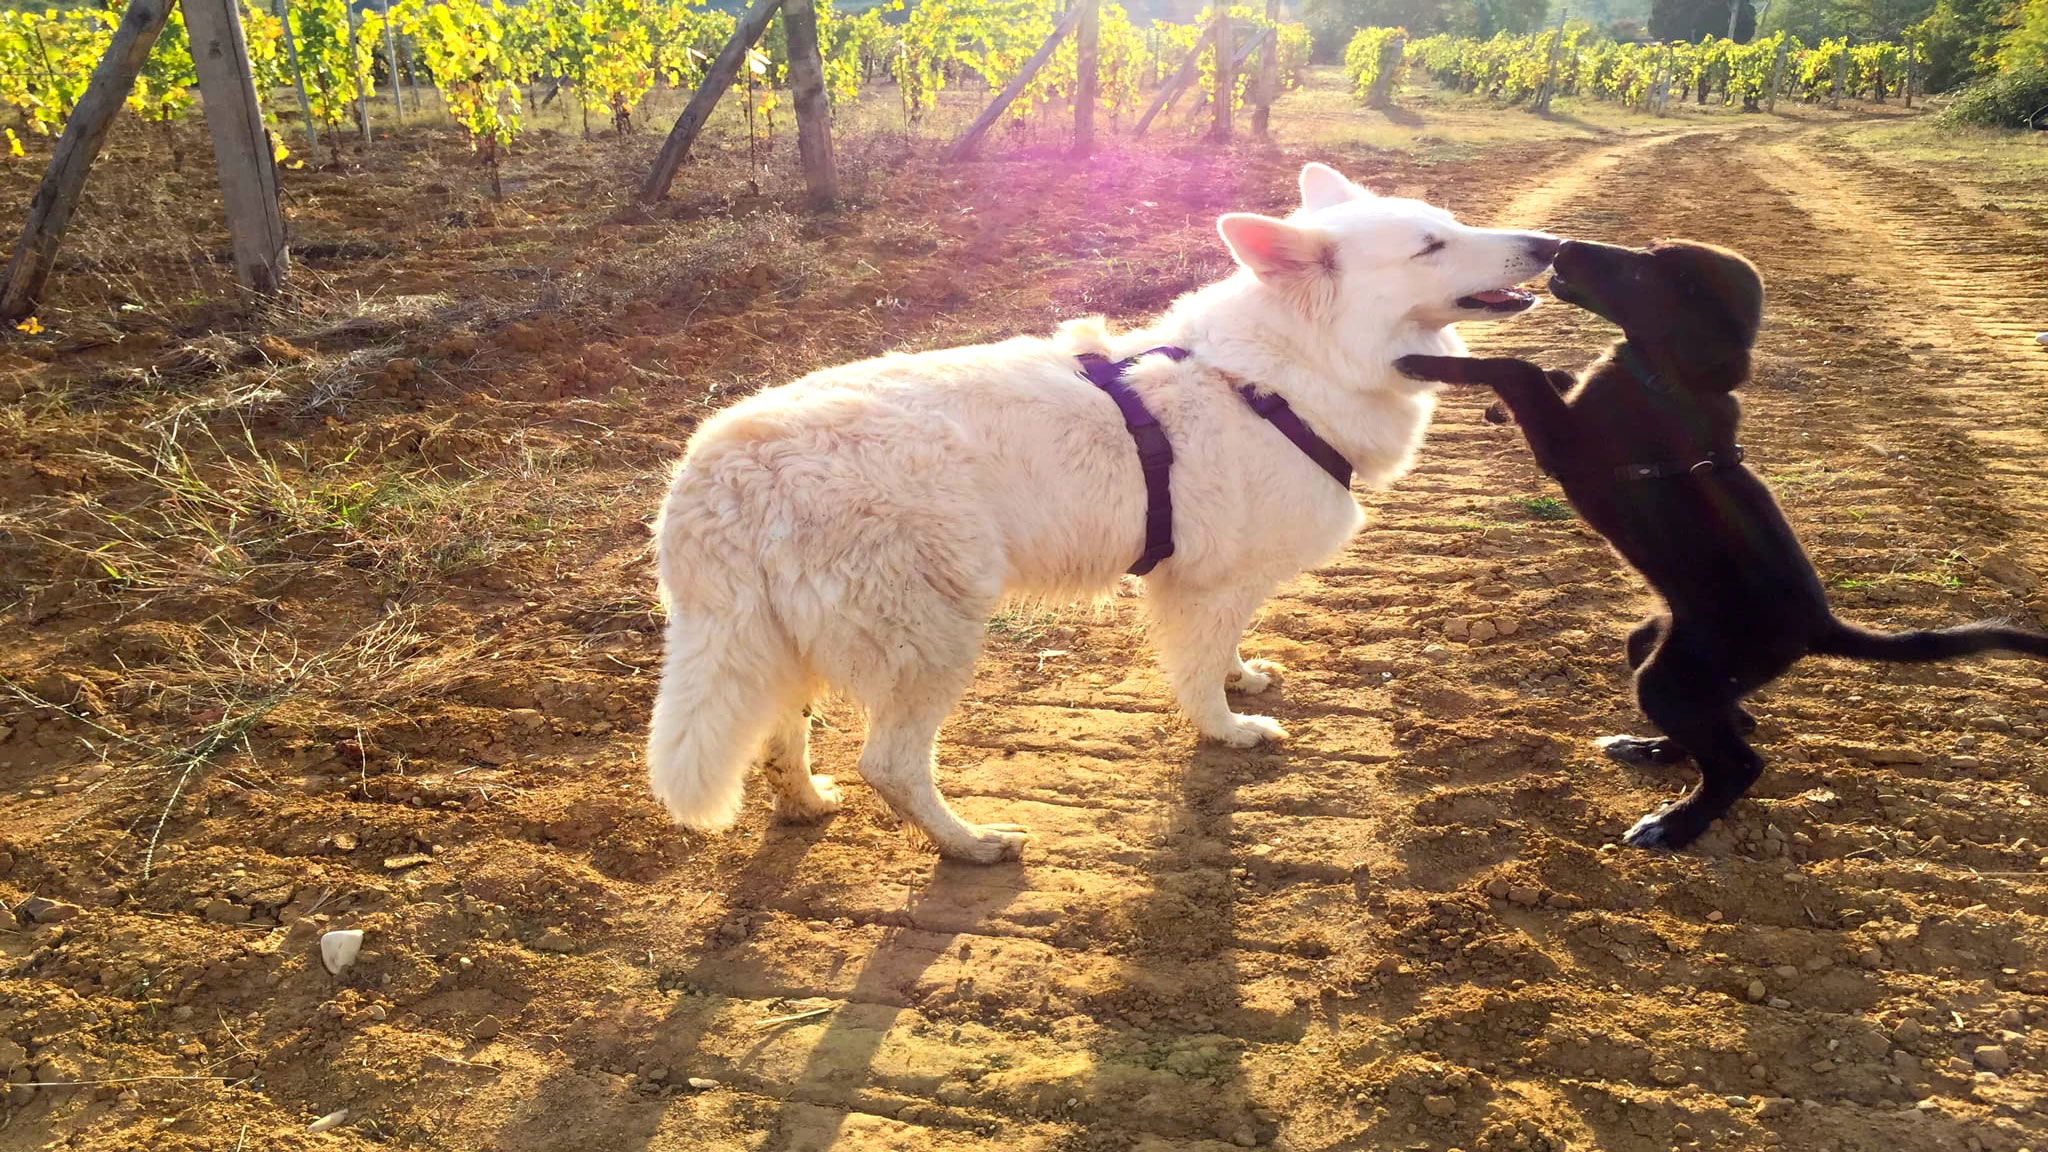 Dicono di Sharon Cane Insegnantecon cani cuccioli